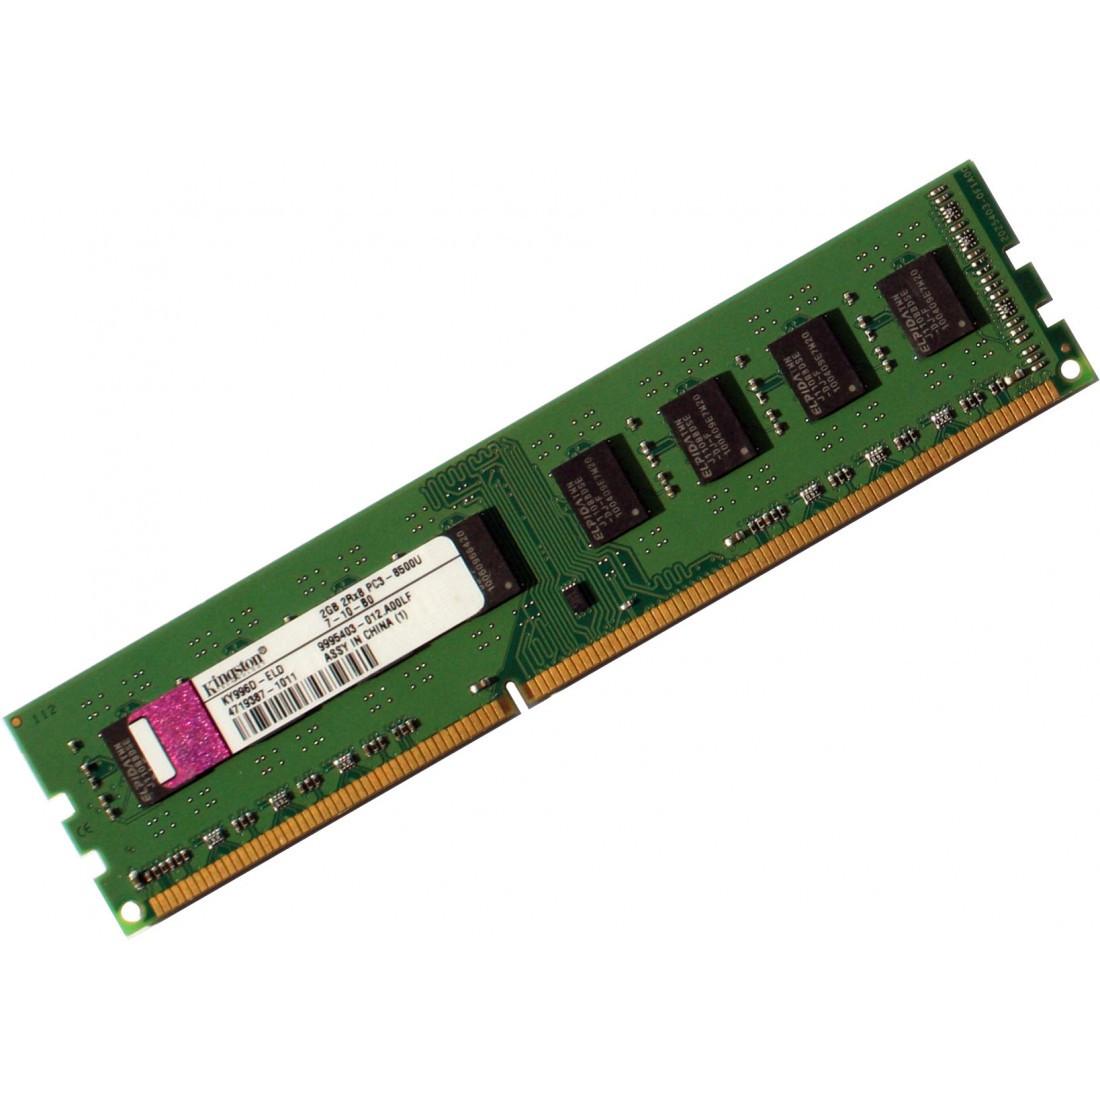 Память DDR3 2Gb 1066MHz INTEL+AMD Kingston Hynix Crucial и др. Оригинал! ОЗУ